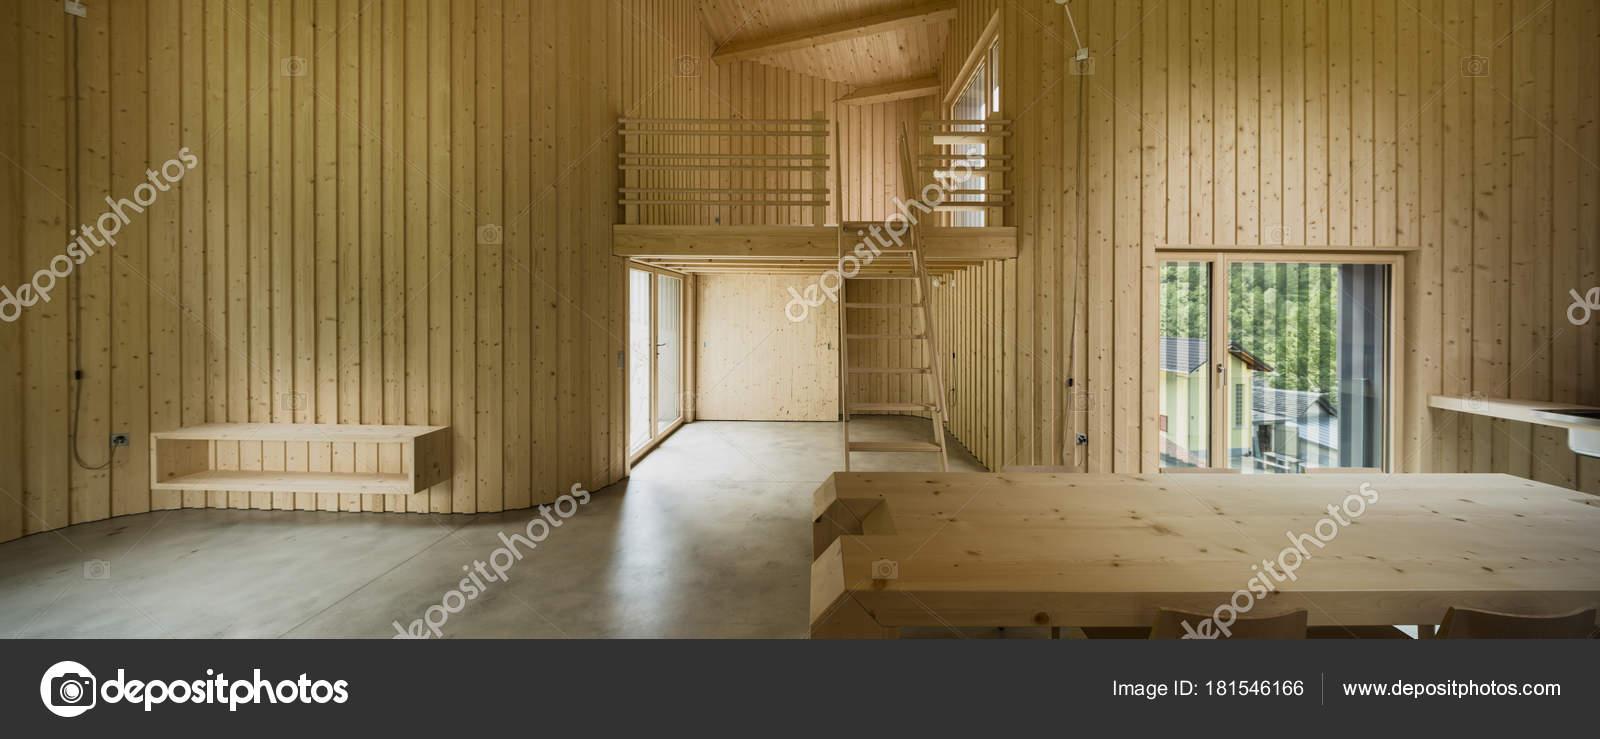 Intérieur de la maison en bois moderne — Photographie Zveiger ...